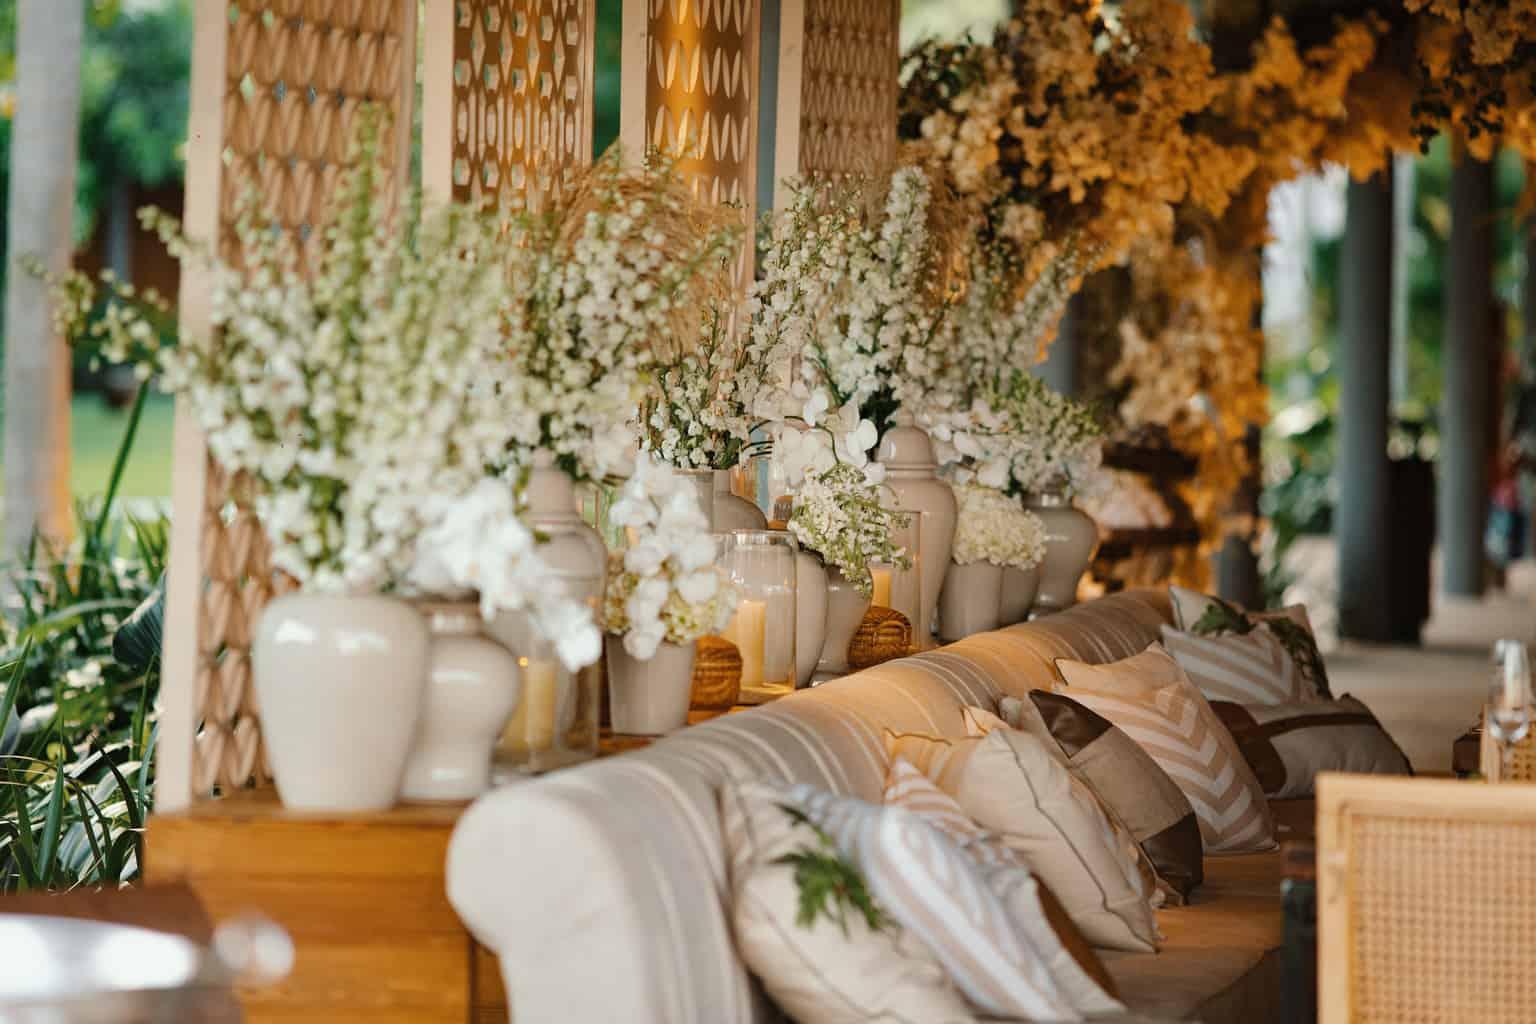 Casamento-Alissa-e-Gustavo-Cerimonial-Manu-Goncalez-Decor-Andrea-Kapps-Fasano-Angra-dos-Reis-Foto-VRebel-Decoracao7937